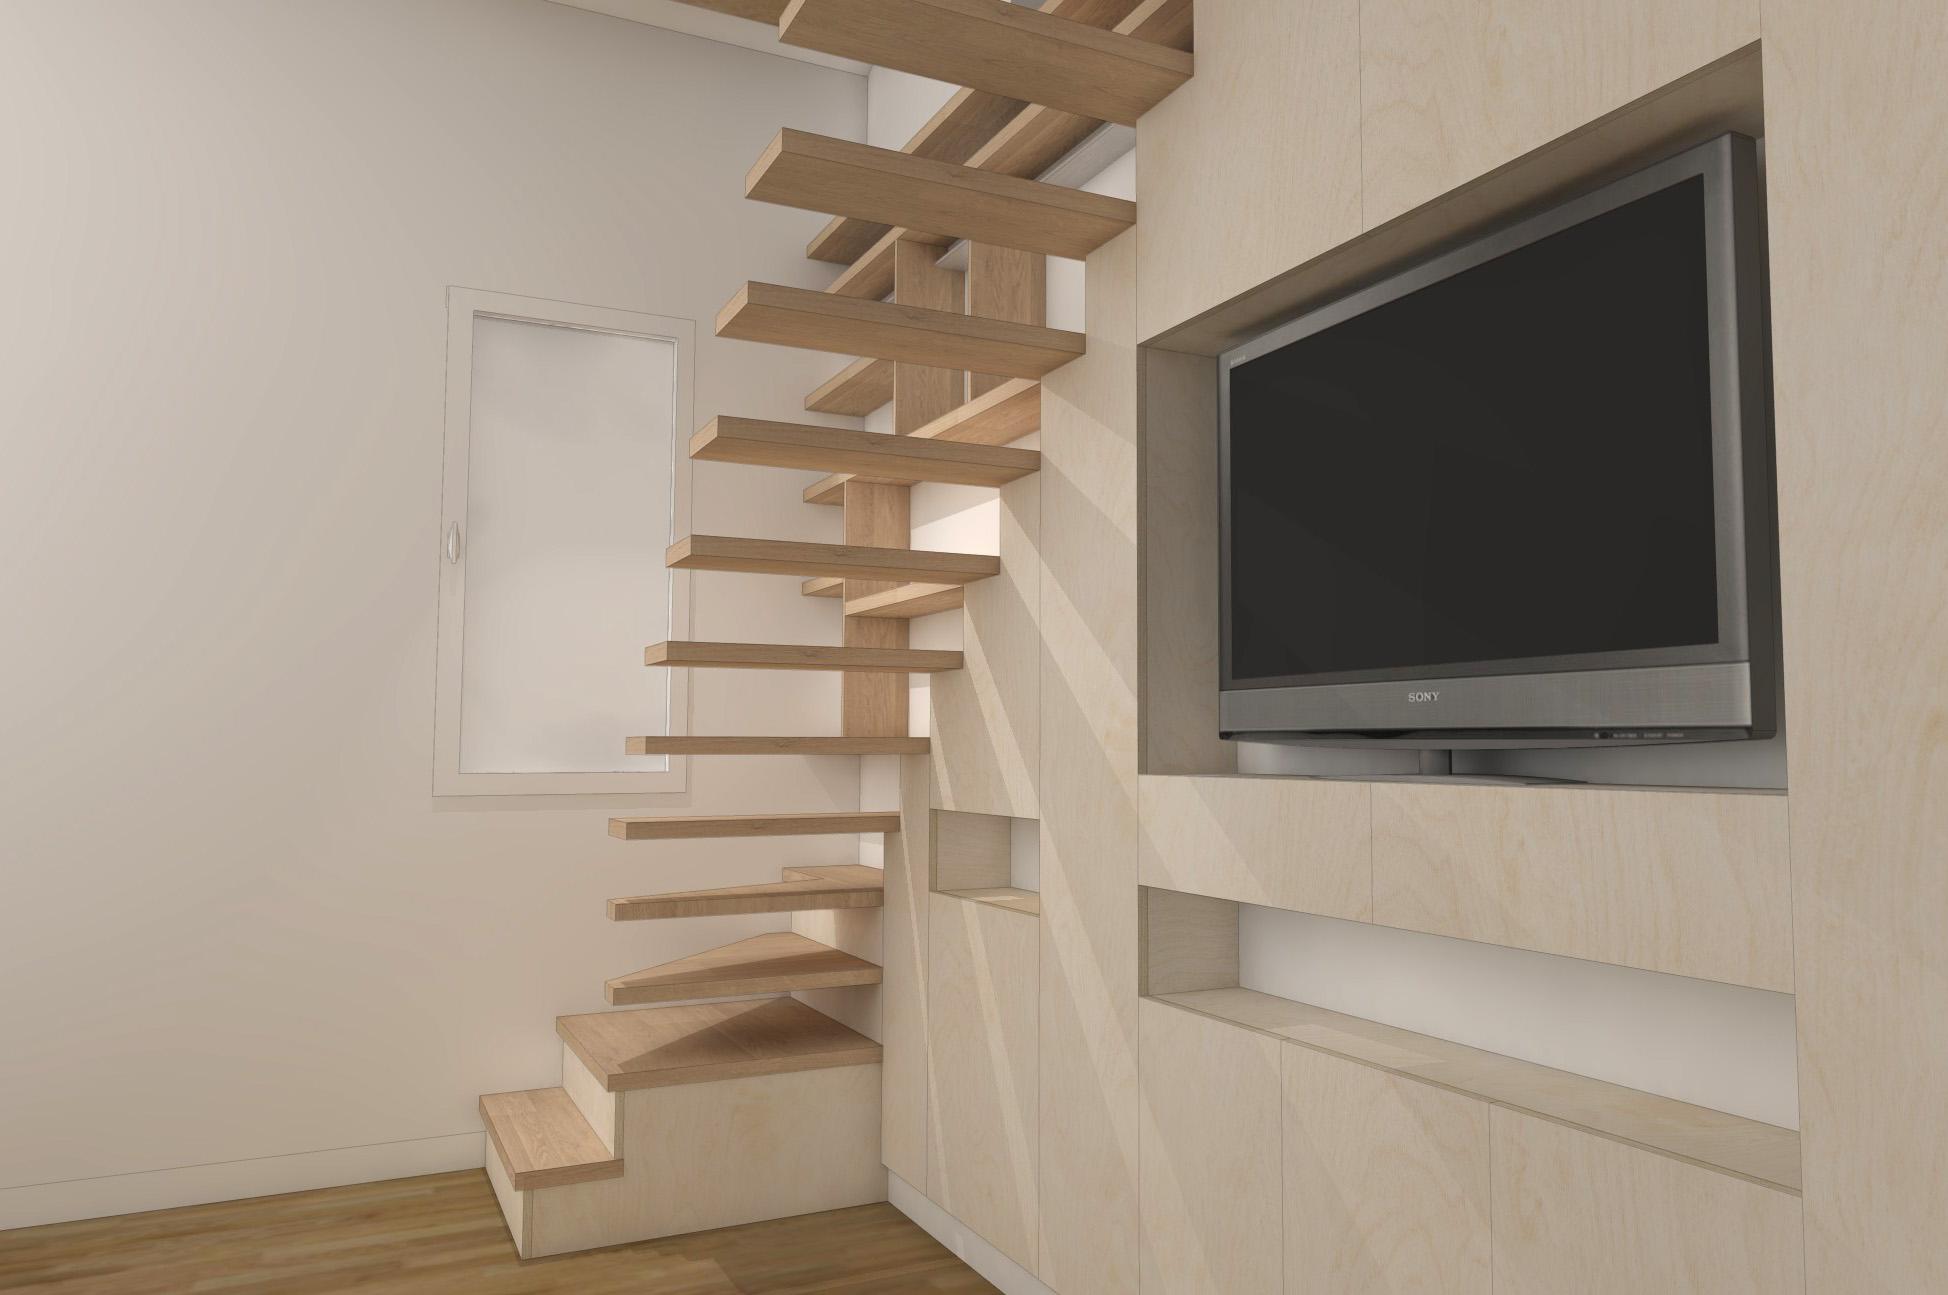 3D escalier 2016-12-02 13465200000